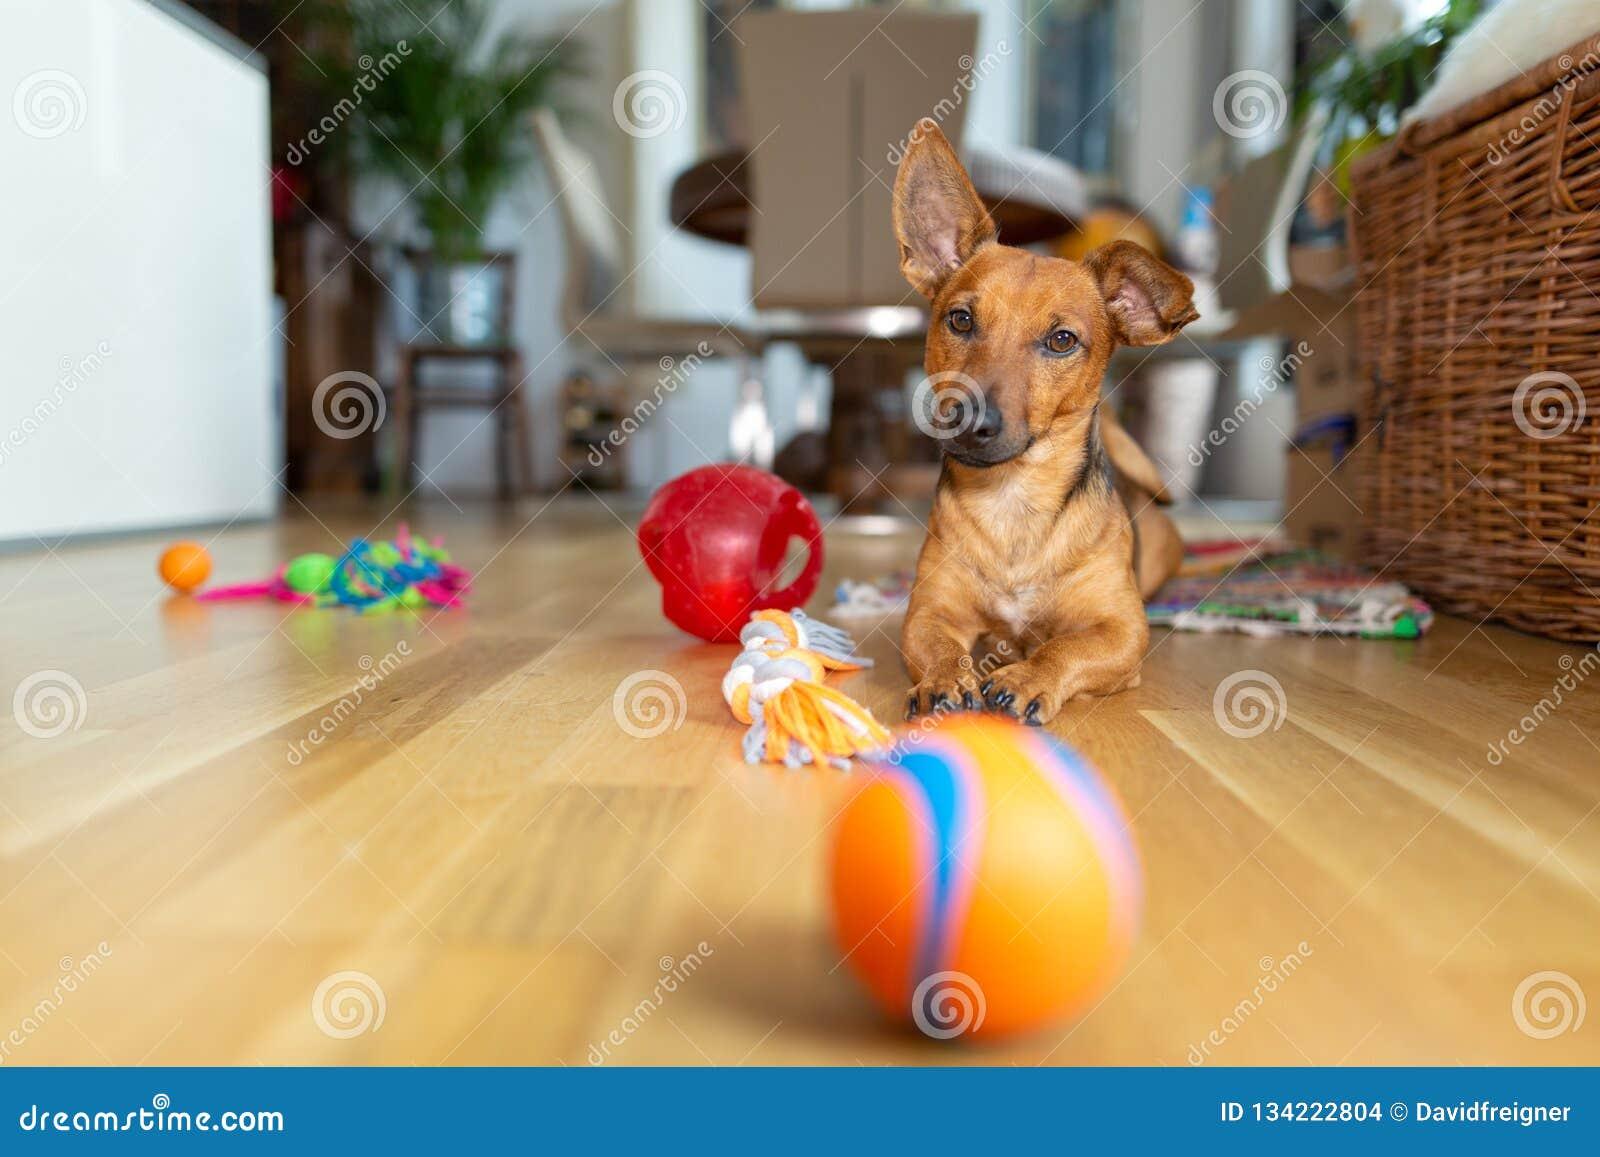 Peu chien à la maison dans le salon jouant avec ses jouets